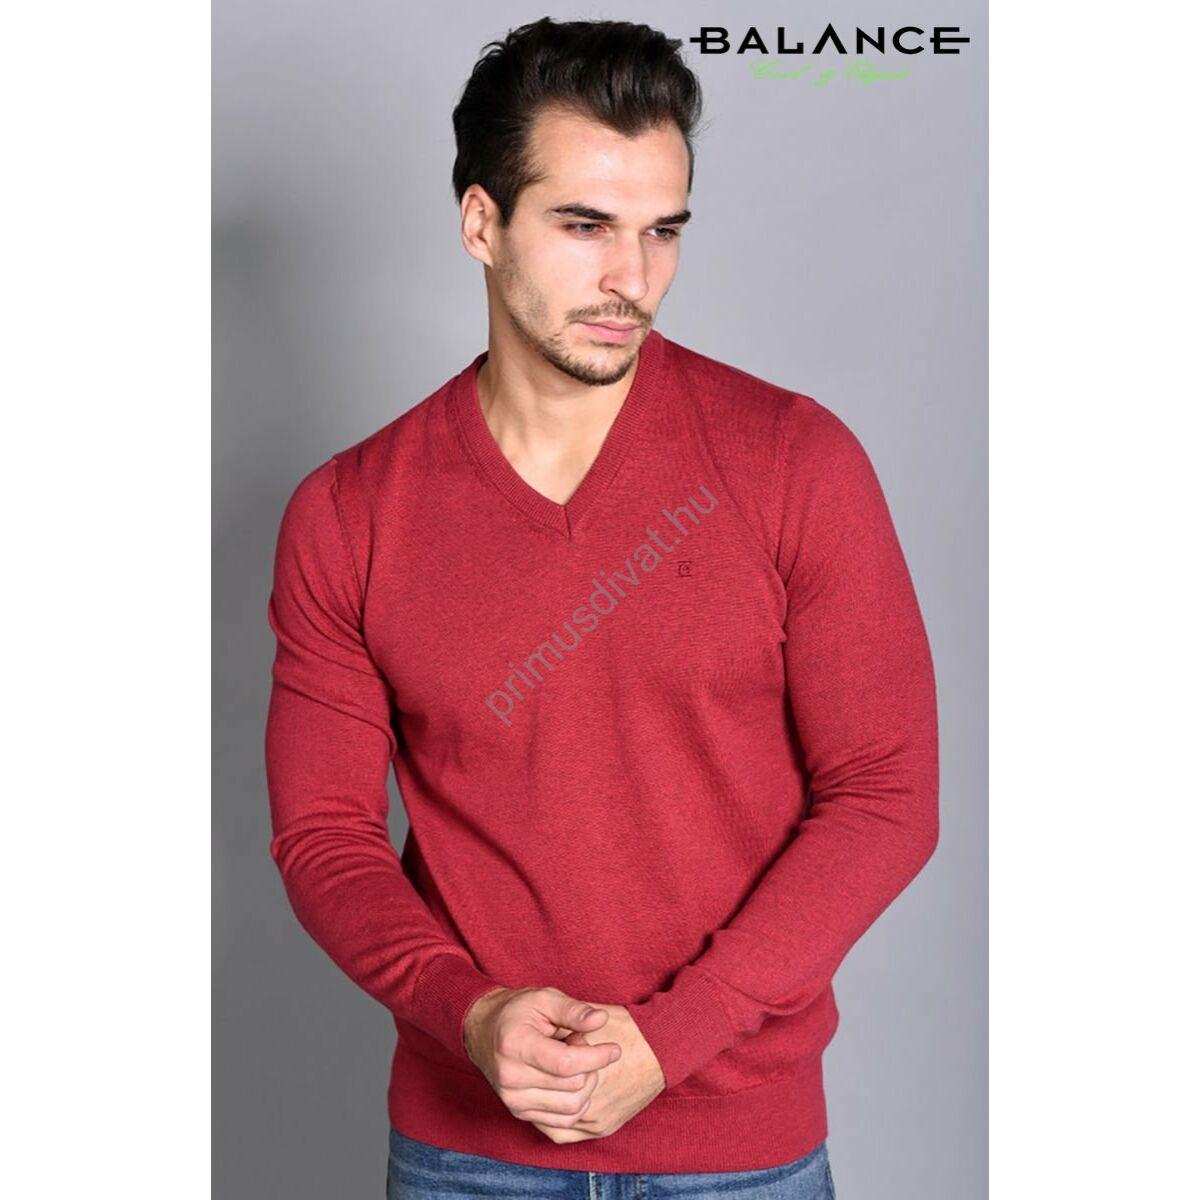 6cdbc6a930 Kép 1/1 - Balance vékony kötött V-nyakú pamut pulóver, piros-melange